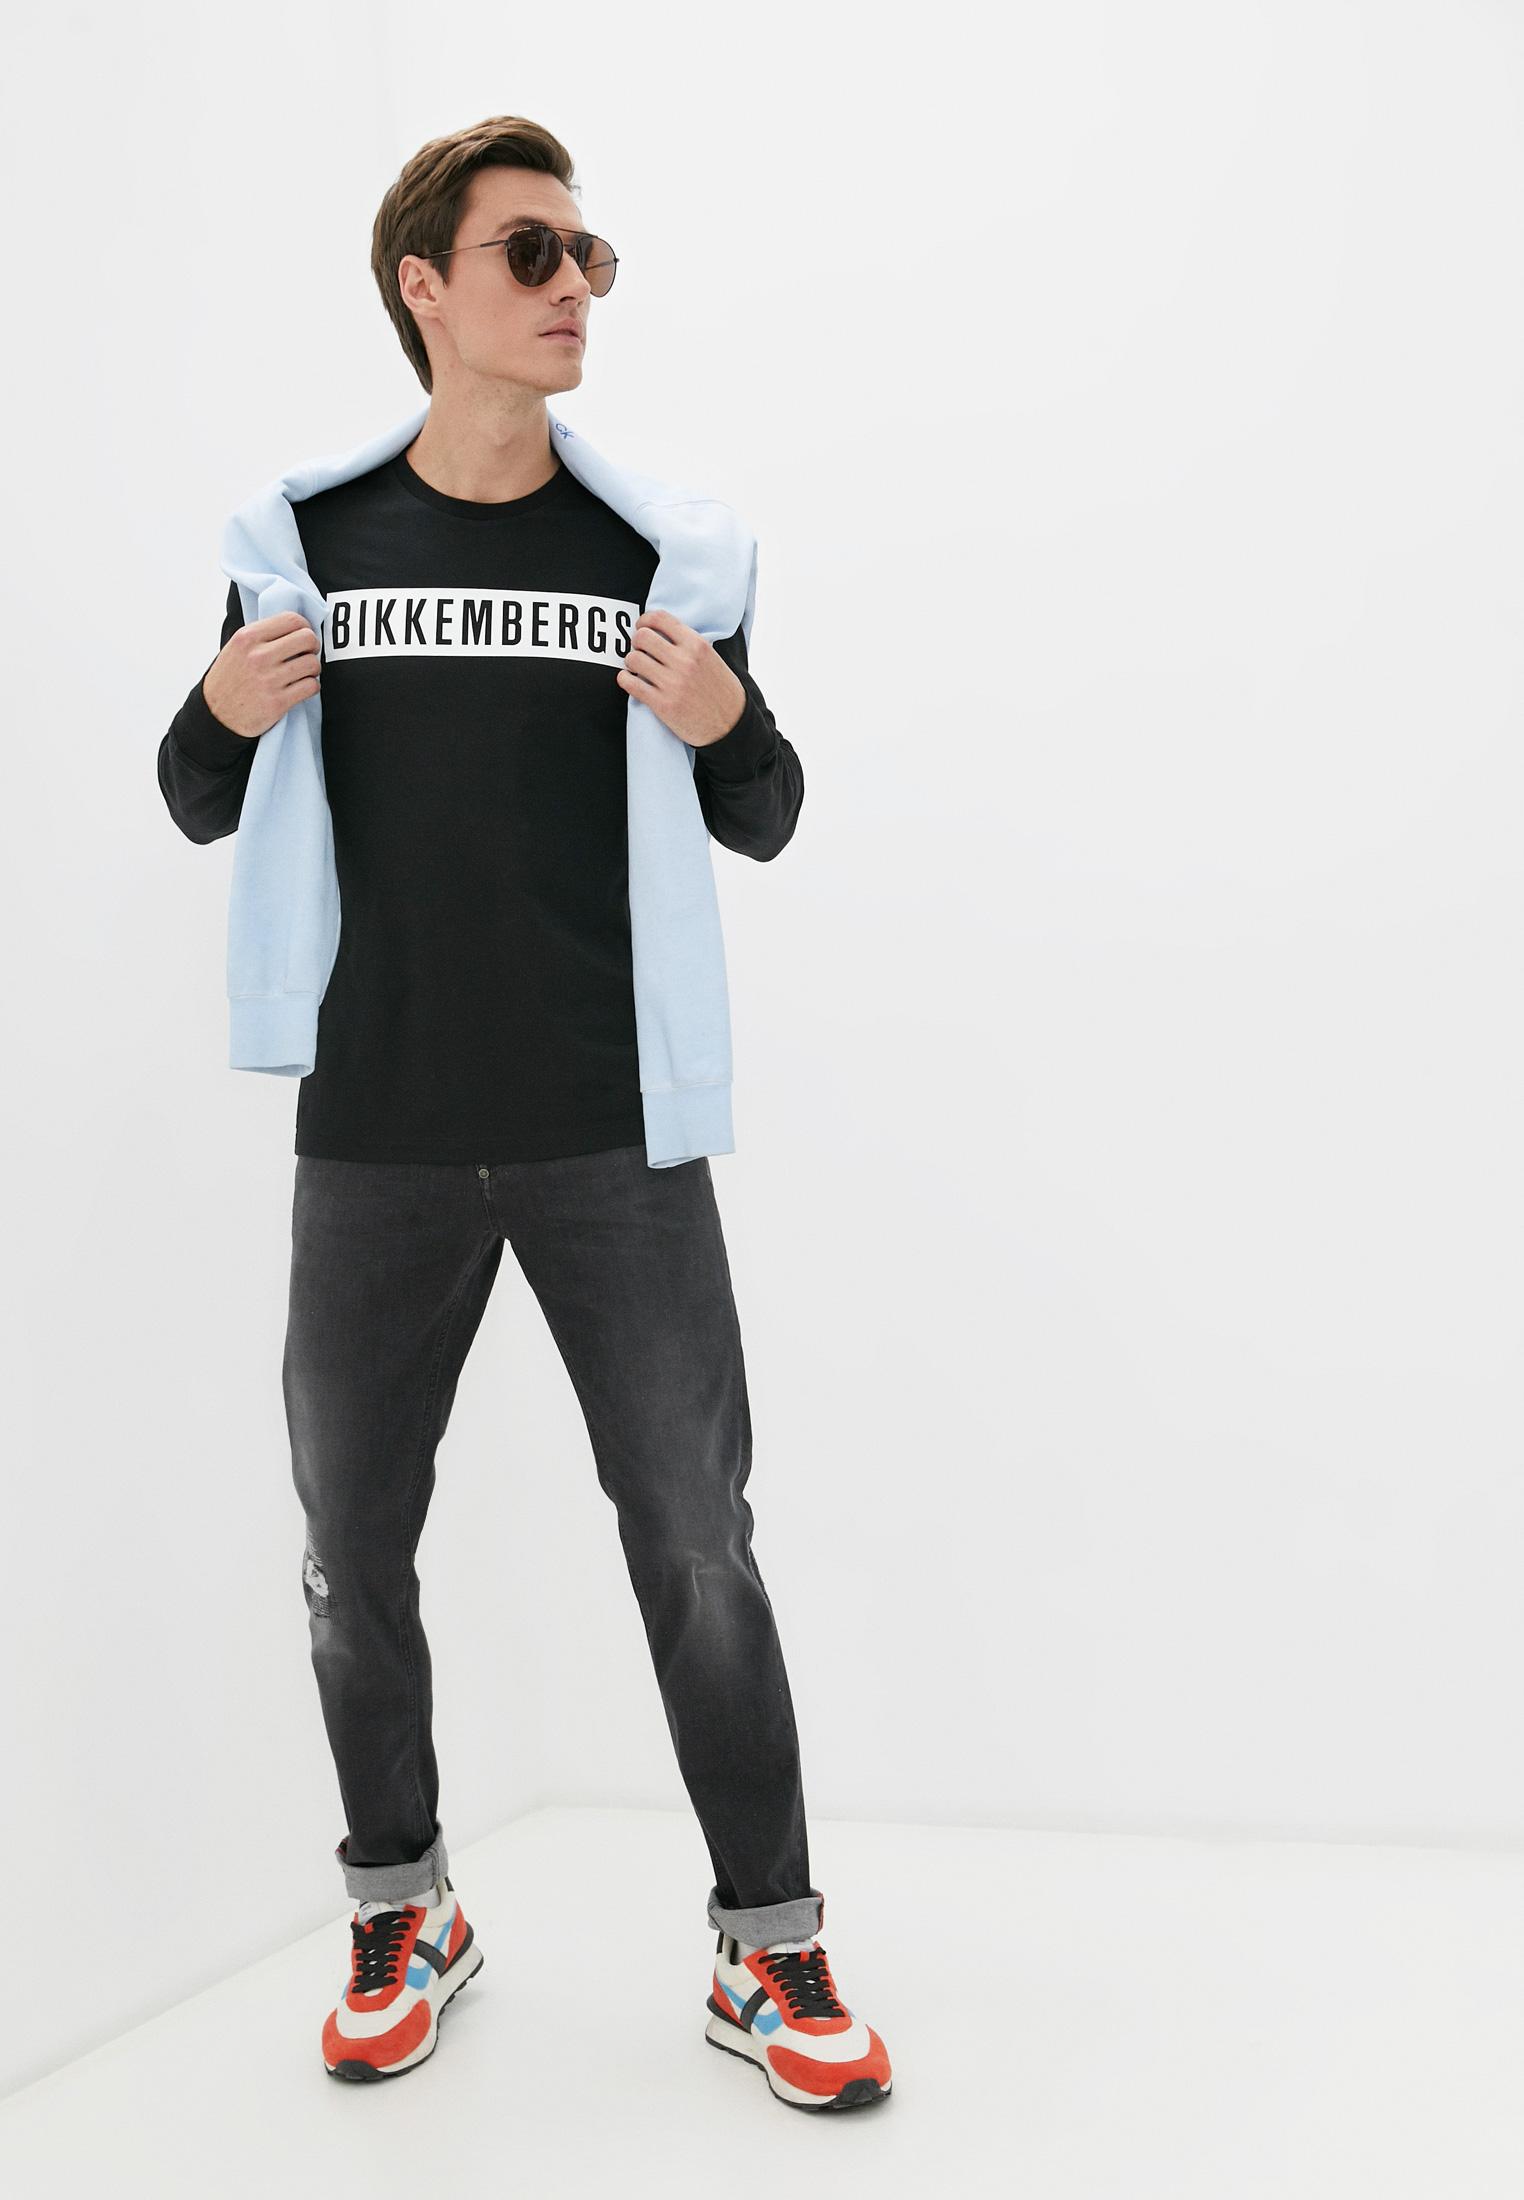 Мужские зауженные джинсы Bikkembergs (Биккембергс) C Q 101 17 S 3446: изображение 8